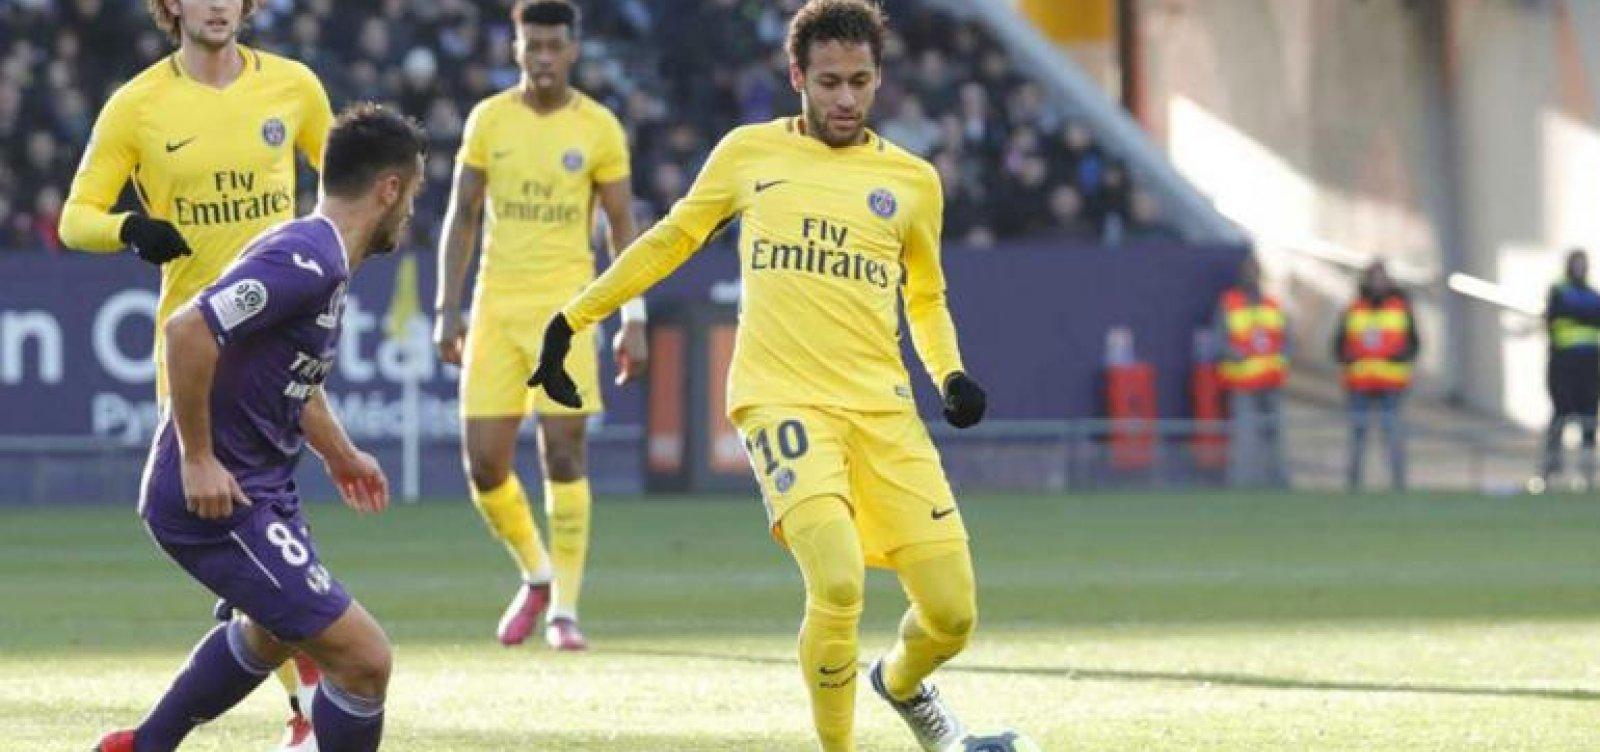 Netflix compra direitos de transmissão da Ligue 1, competição de futebol da França